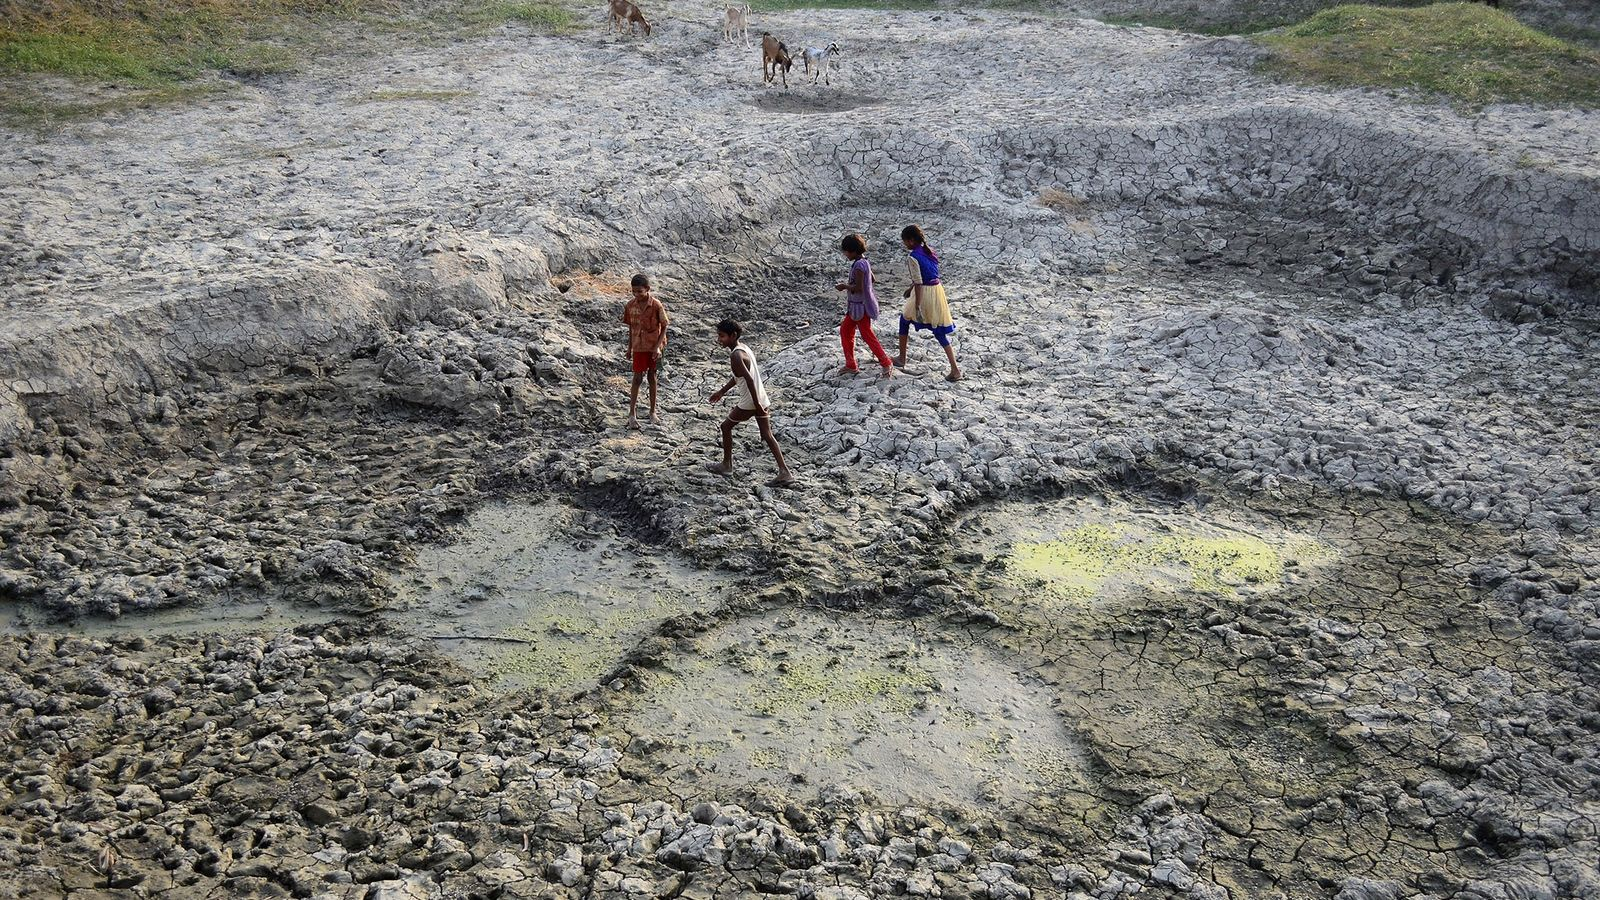 Niños indios juegan en una zona seca del encogido río Varuna, un afluente del río Ganges.